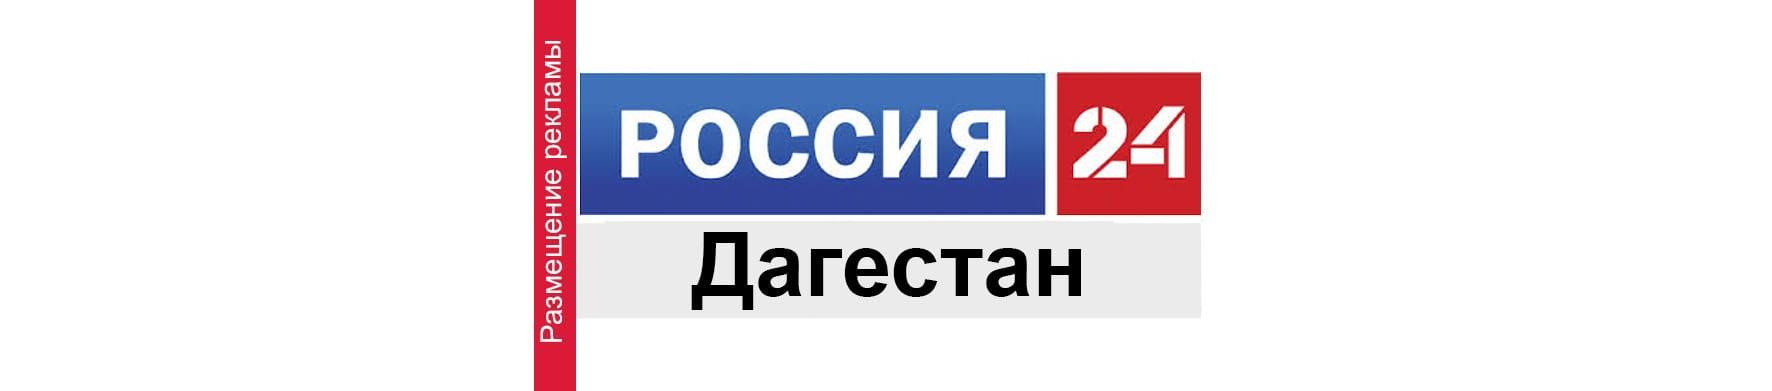 Реклама на телевидении в Дагестане россия 24